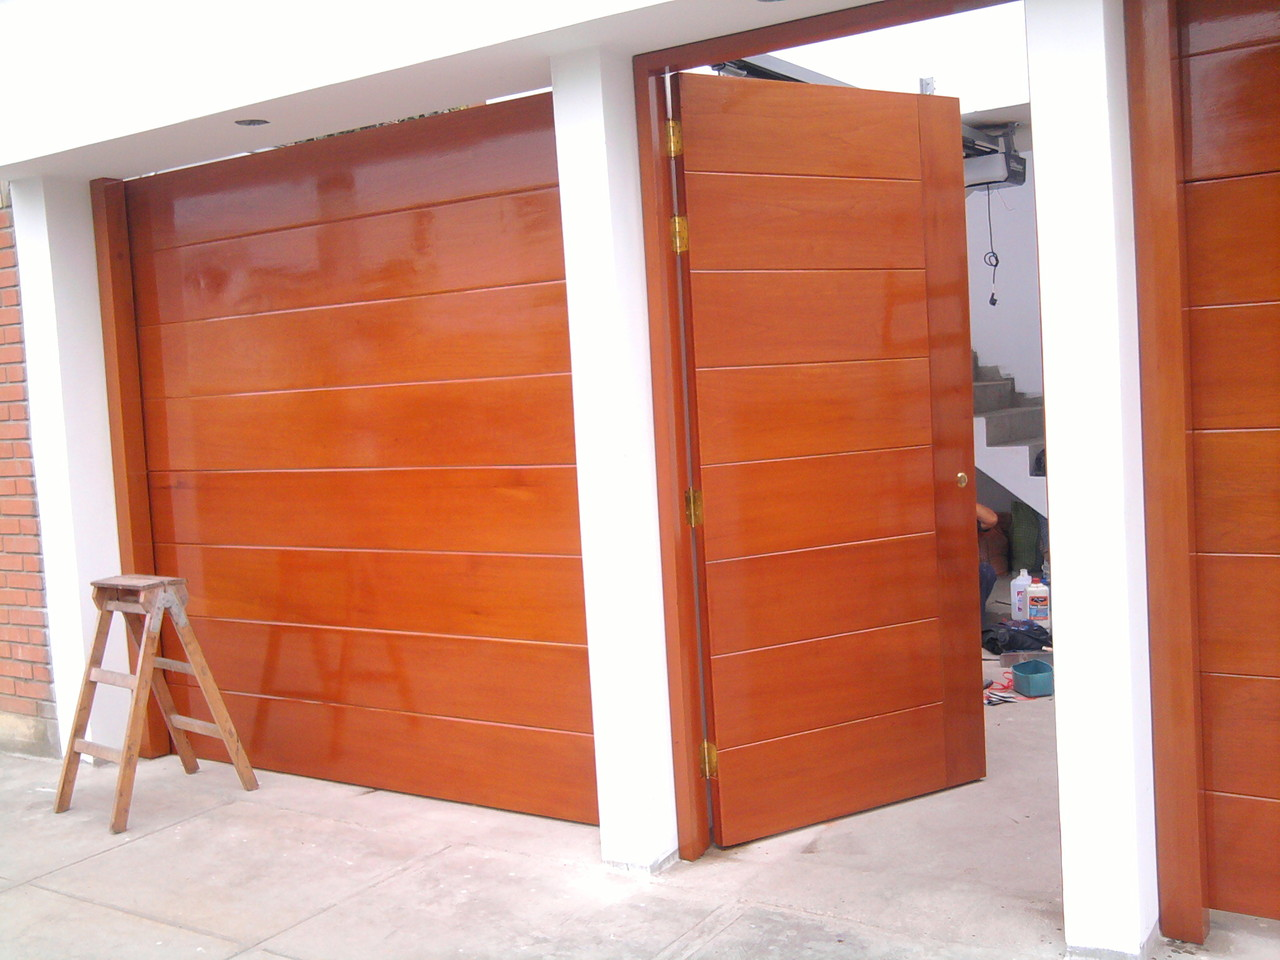 Galerial de puertas puertas automaticas vicma - Puertas de garaje de madera ...